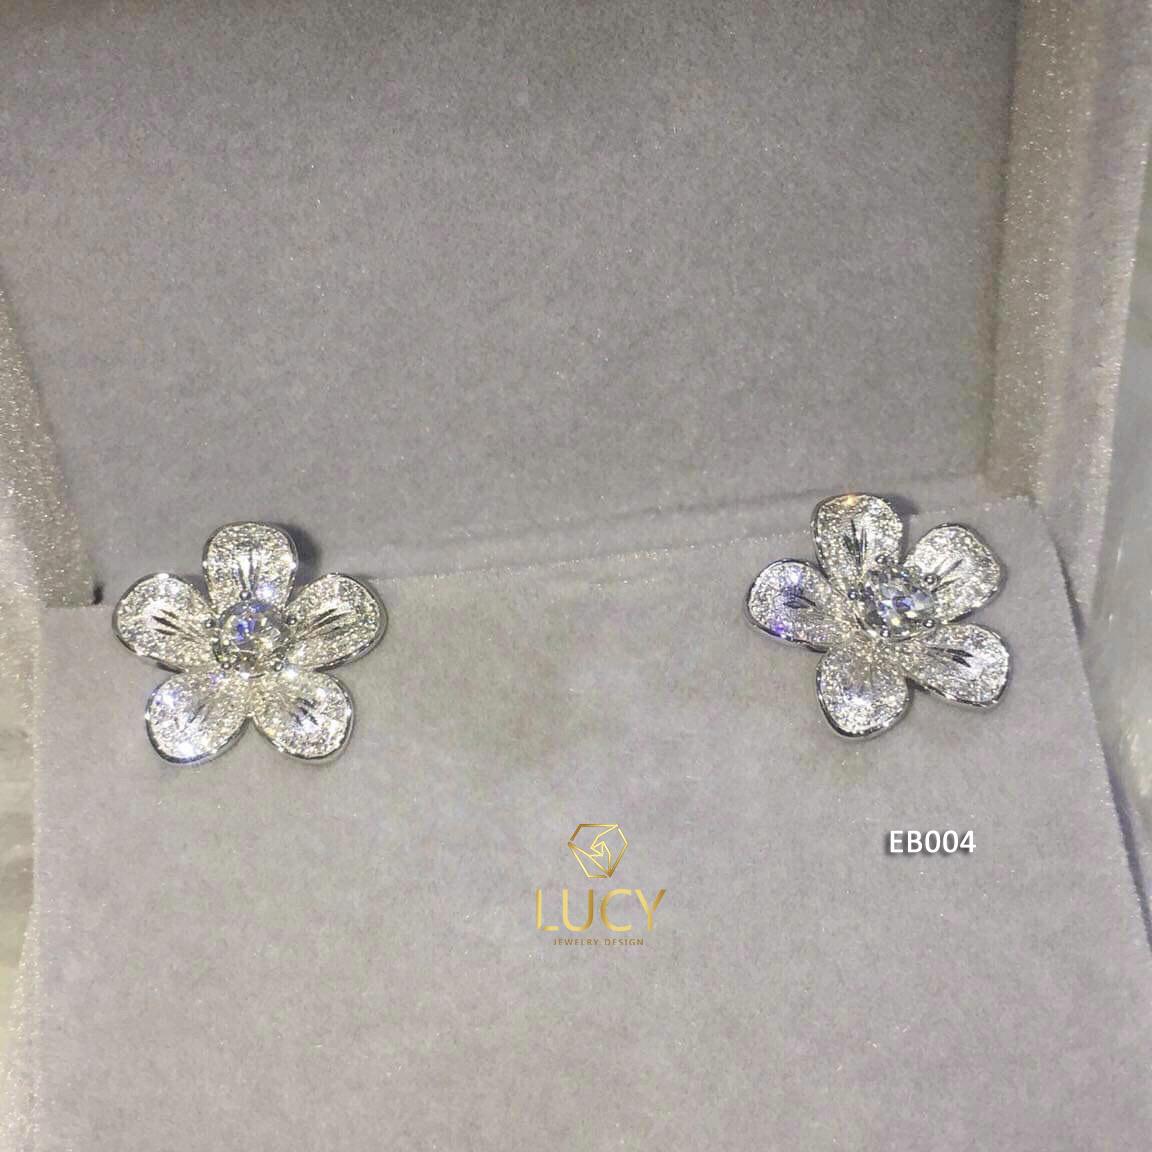 EB004 Khuyên tai vàng thiết kế Lucy Jewelry